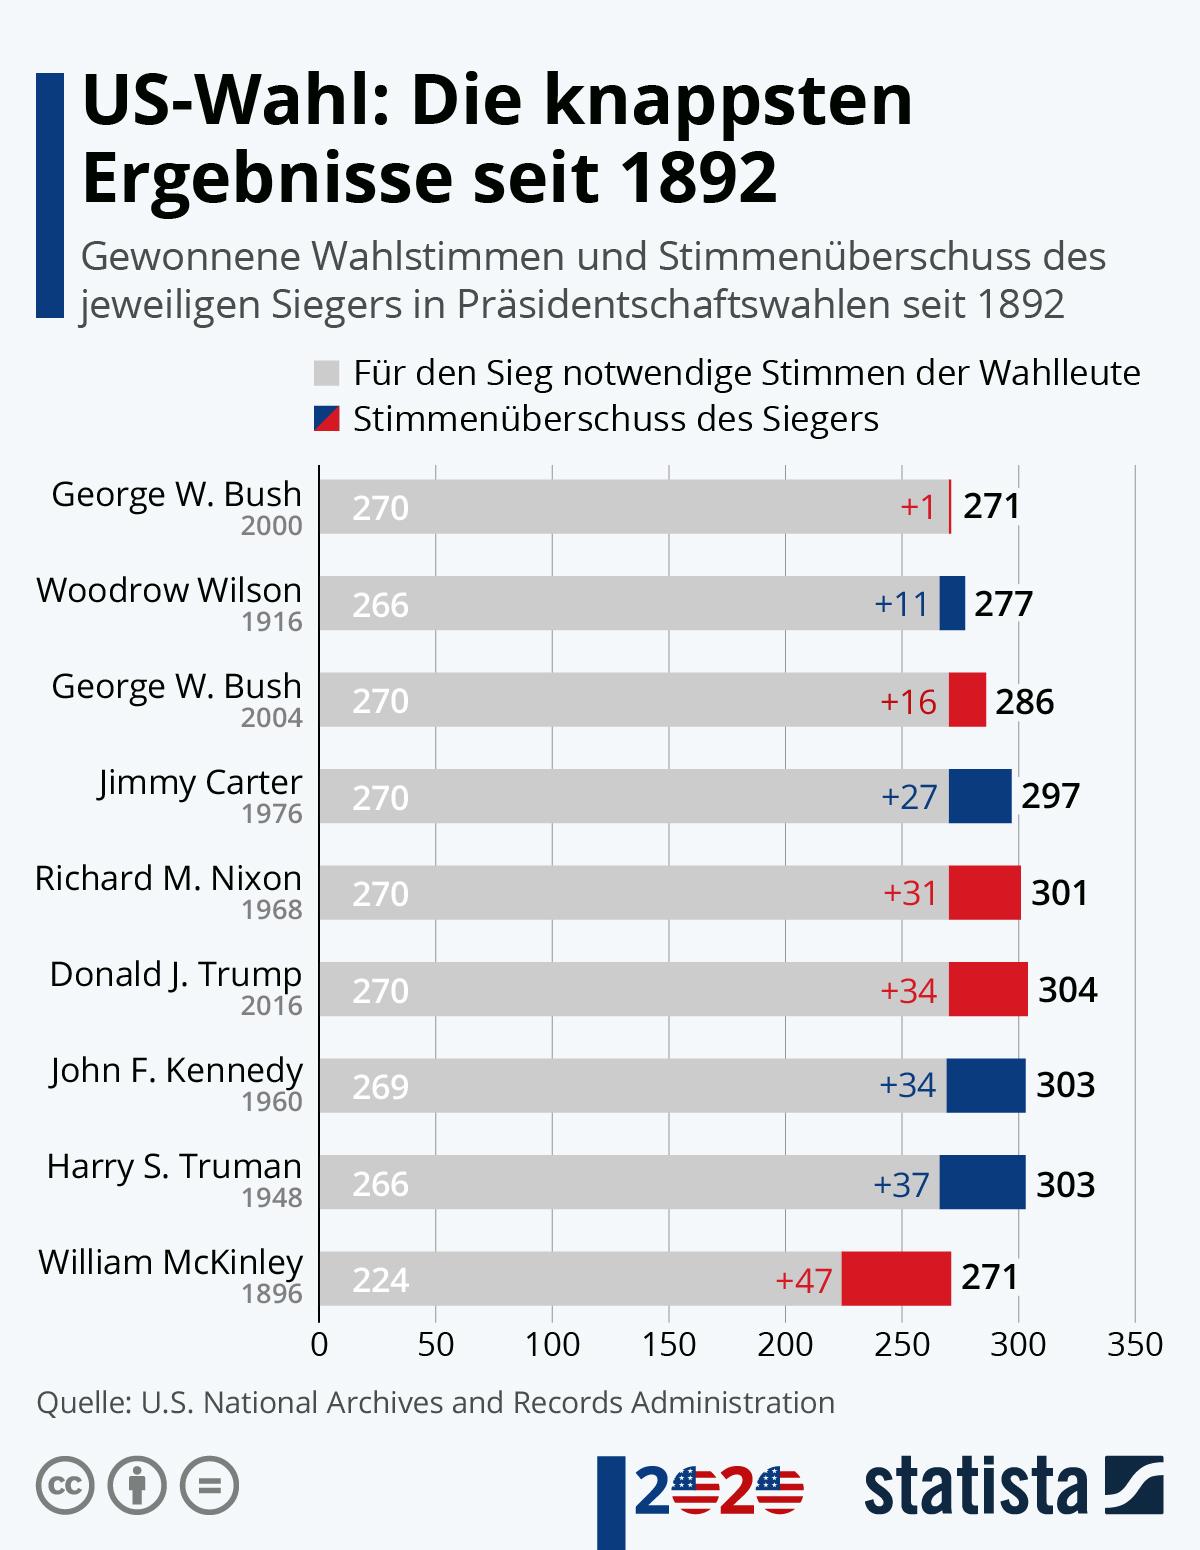 Infografik: US-Wahl: Die knappsten Ergebnisse seit 1892 | Statista